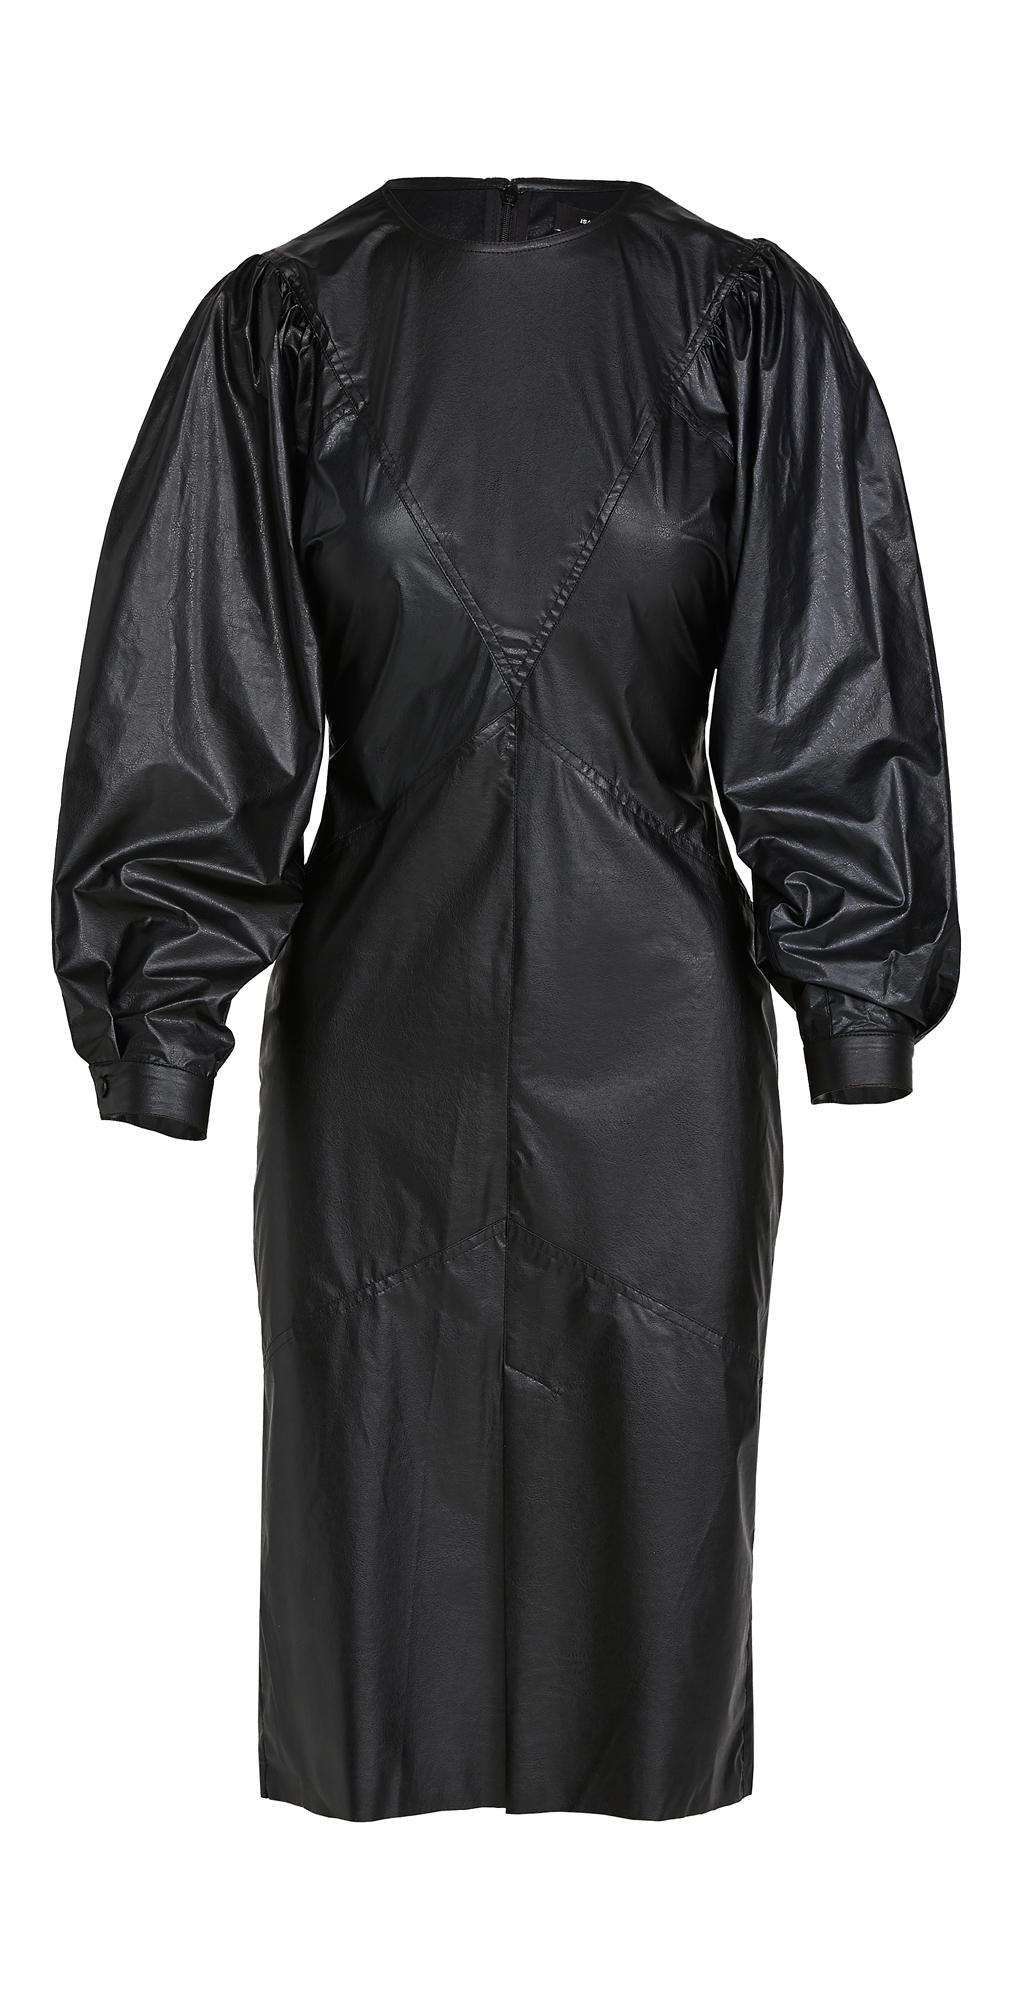 Isabel Marant Drea Dress